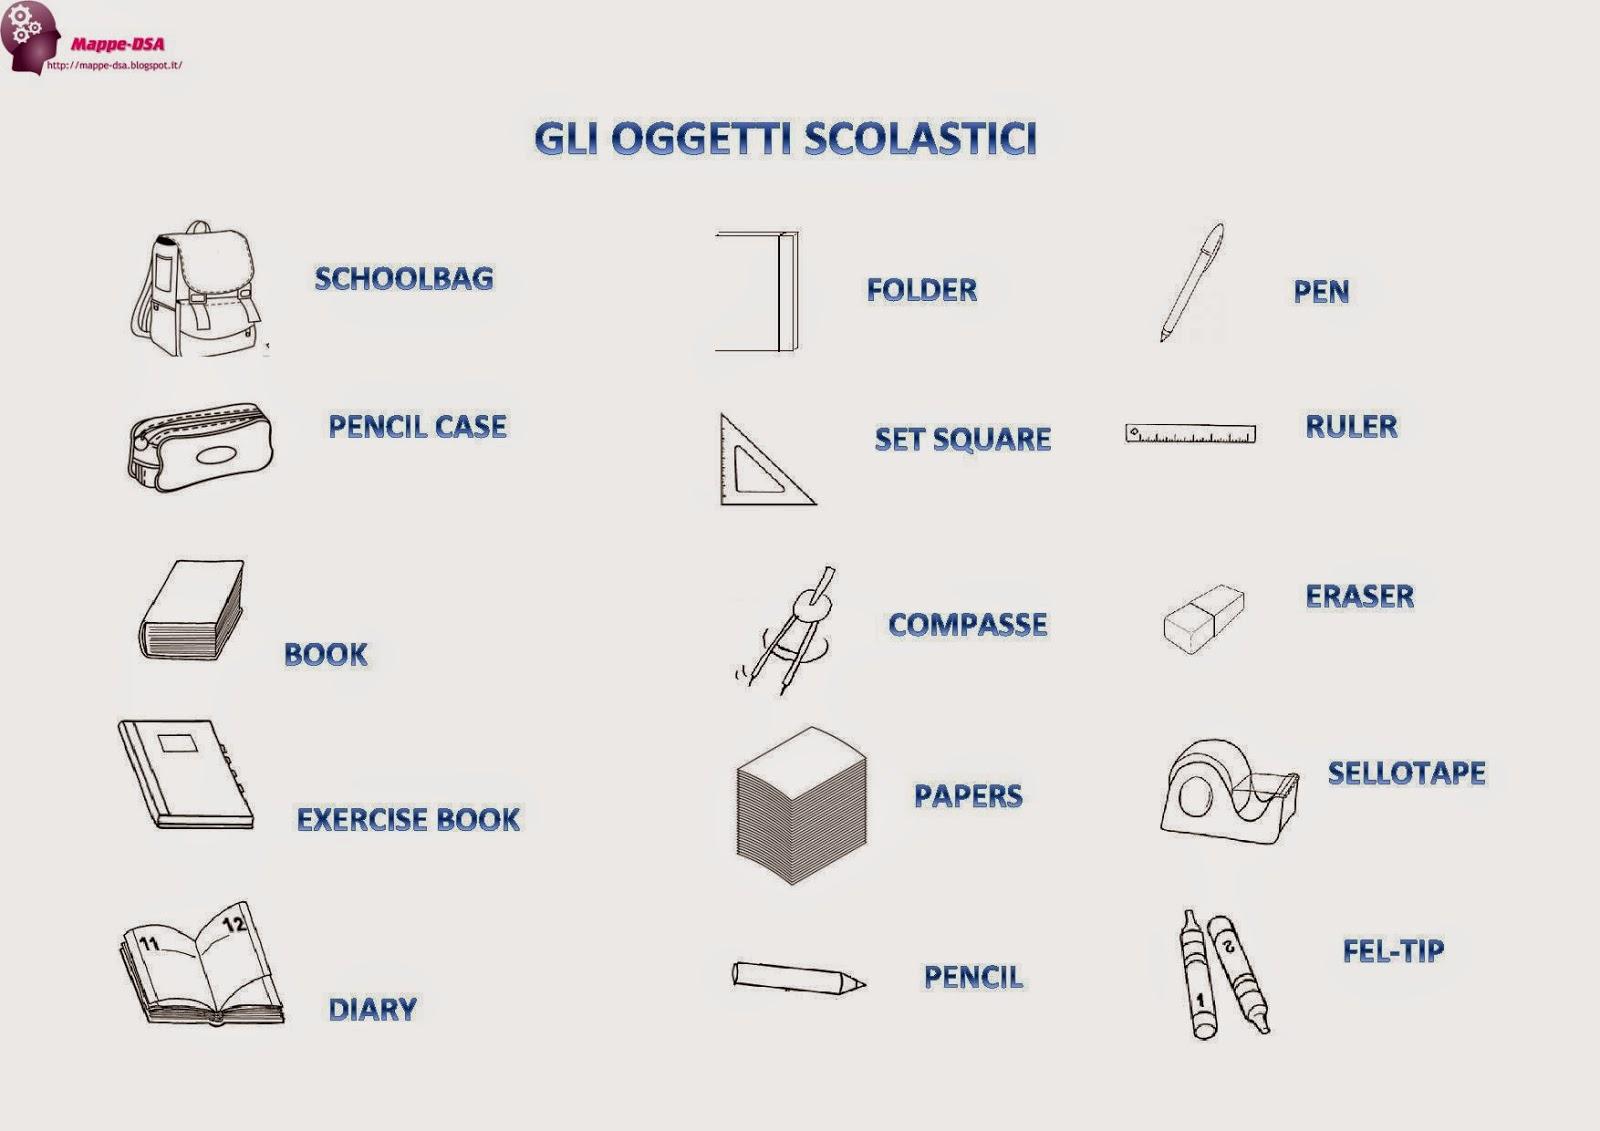 oggetti scuola inglese mappa dsa